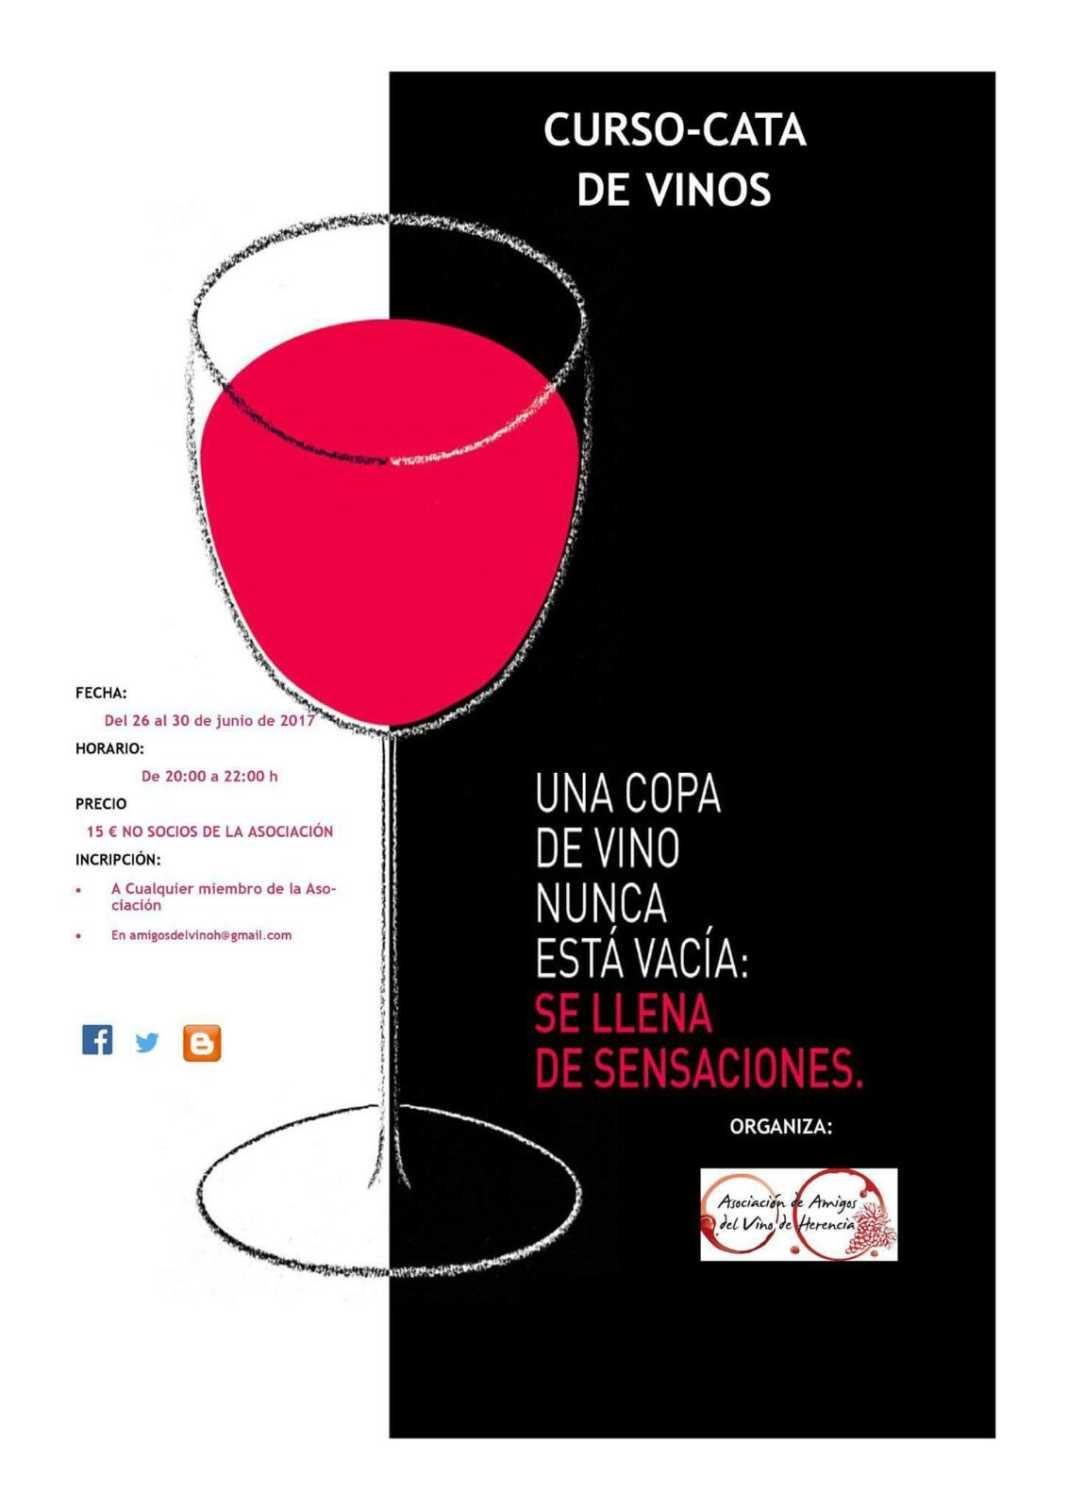 17def3a0 05b6 4370 b63d 037a2fd20214 1068x1510 - Nuevo curso de Cata de Vinos organizado por la Asoc. Amigos del Vino de Herencia